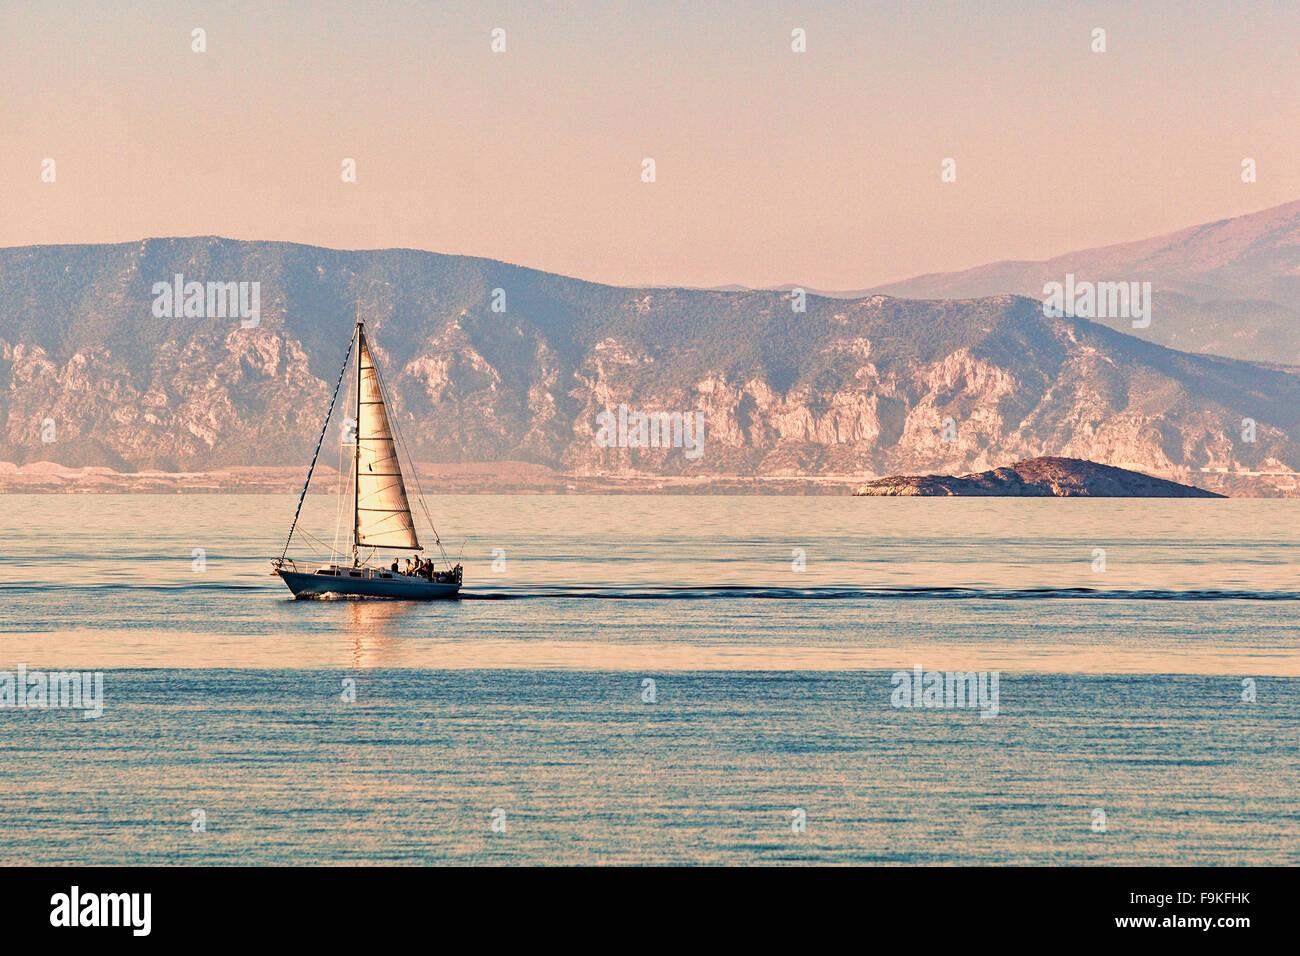 Un voilier à Agistri island, Grèce Photo Stock